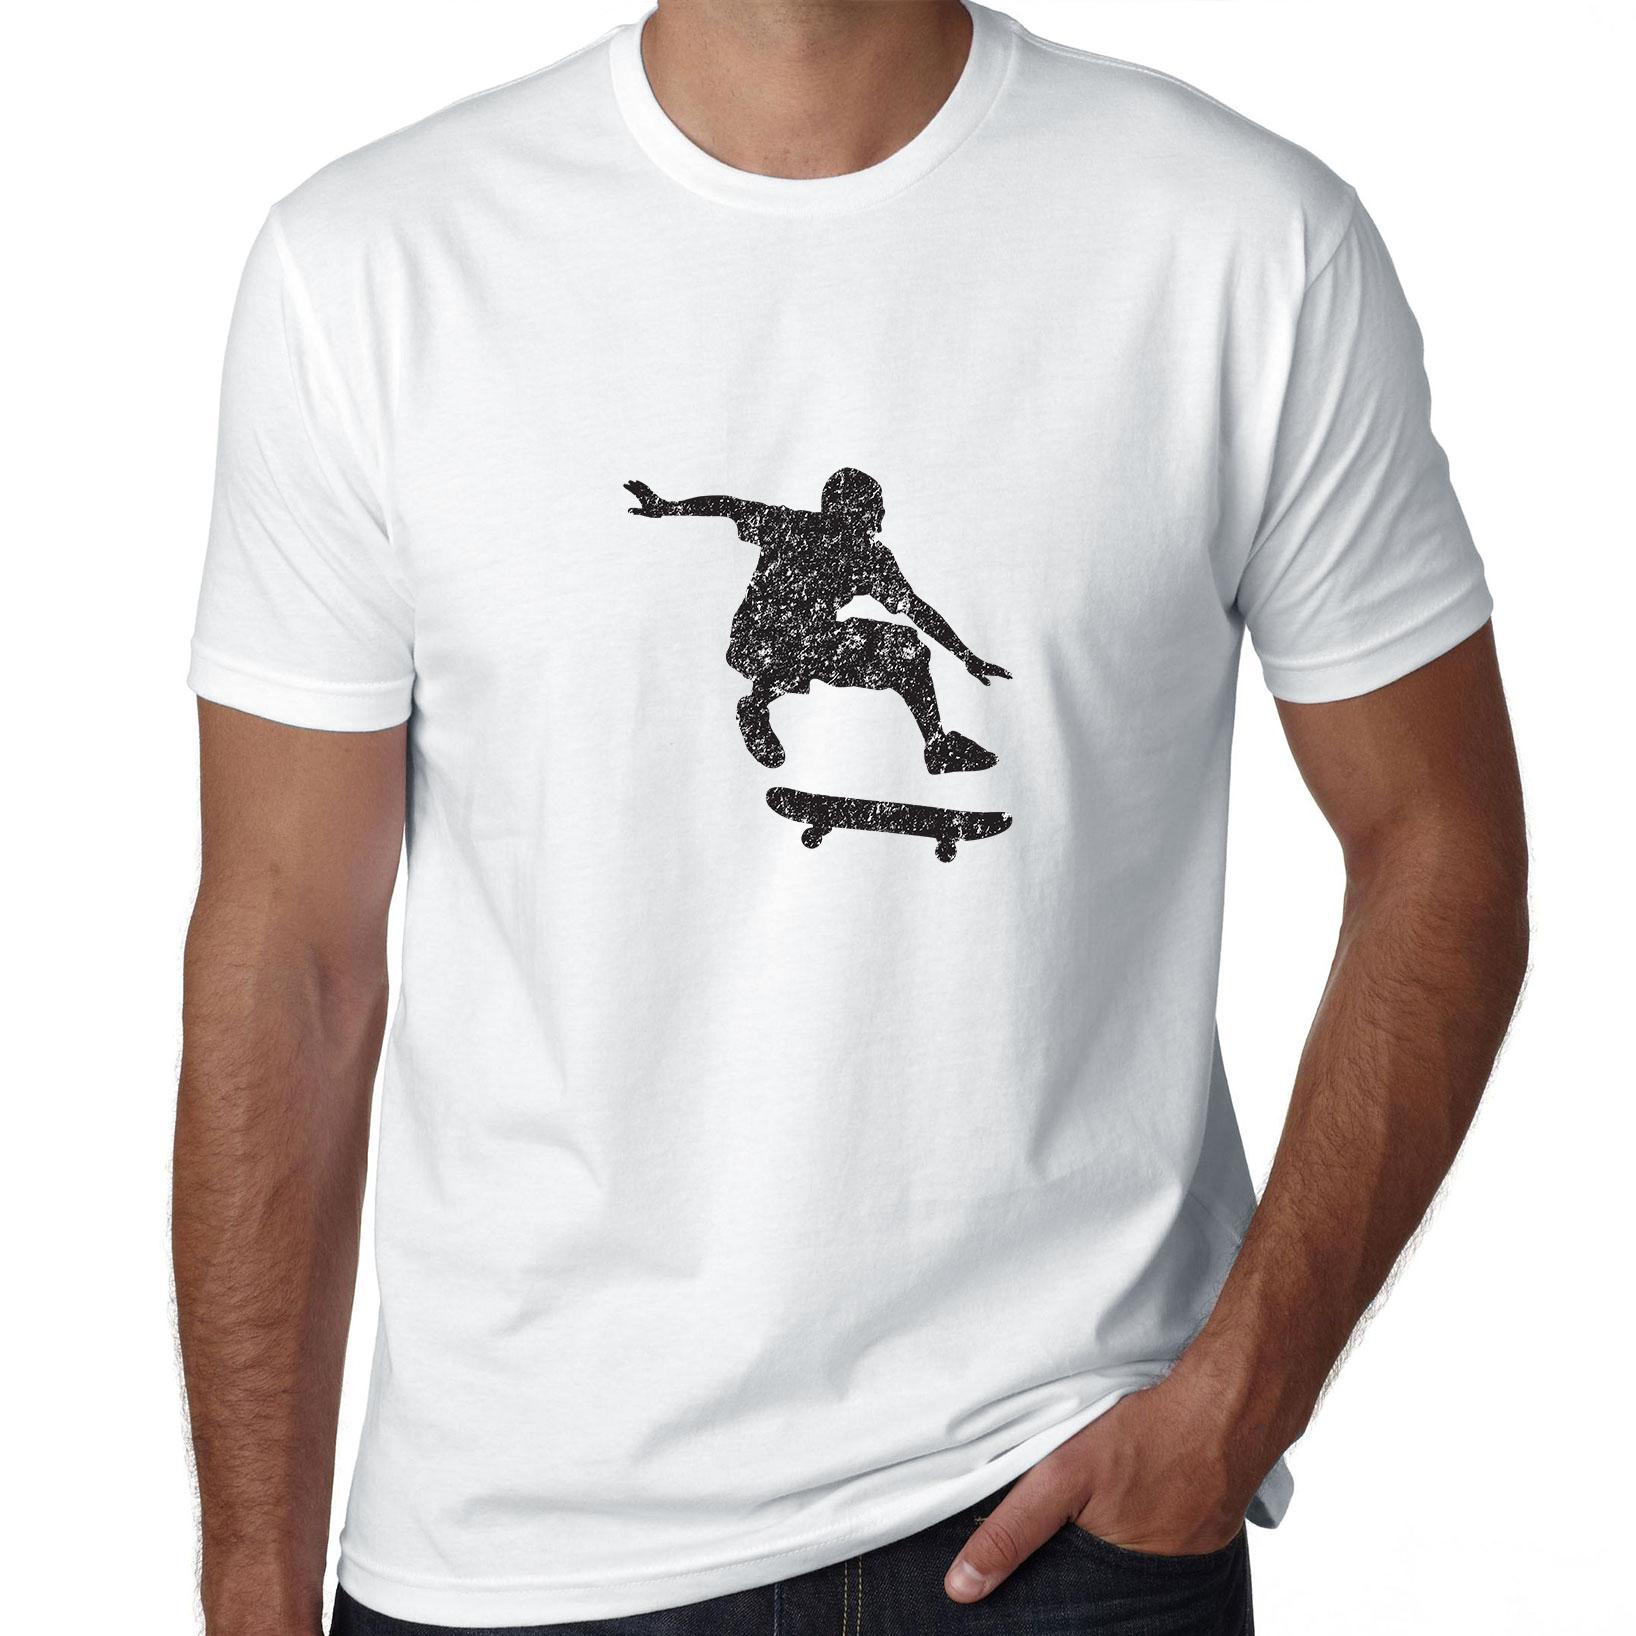 Trendy Skater Silhouette Doing Ollie Skateboard Trick Men's T-Shirt